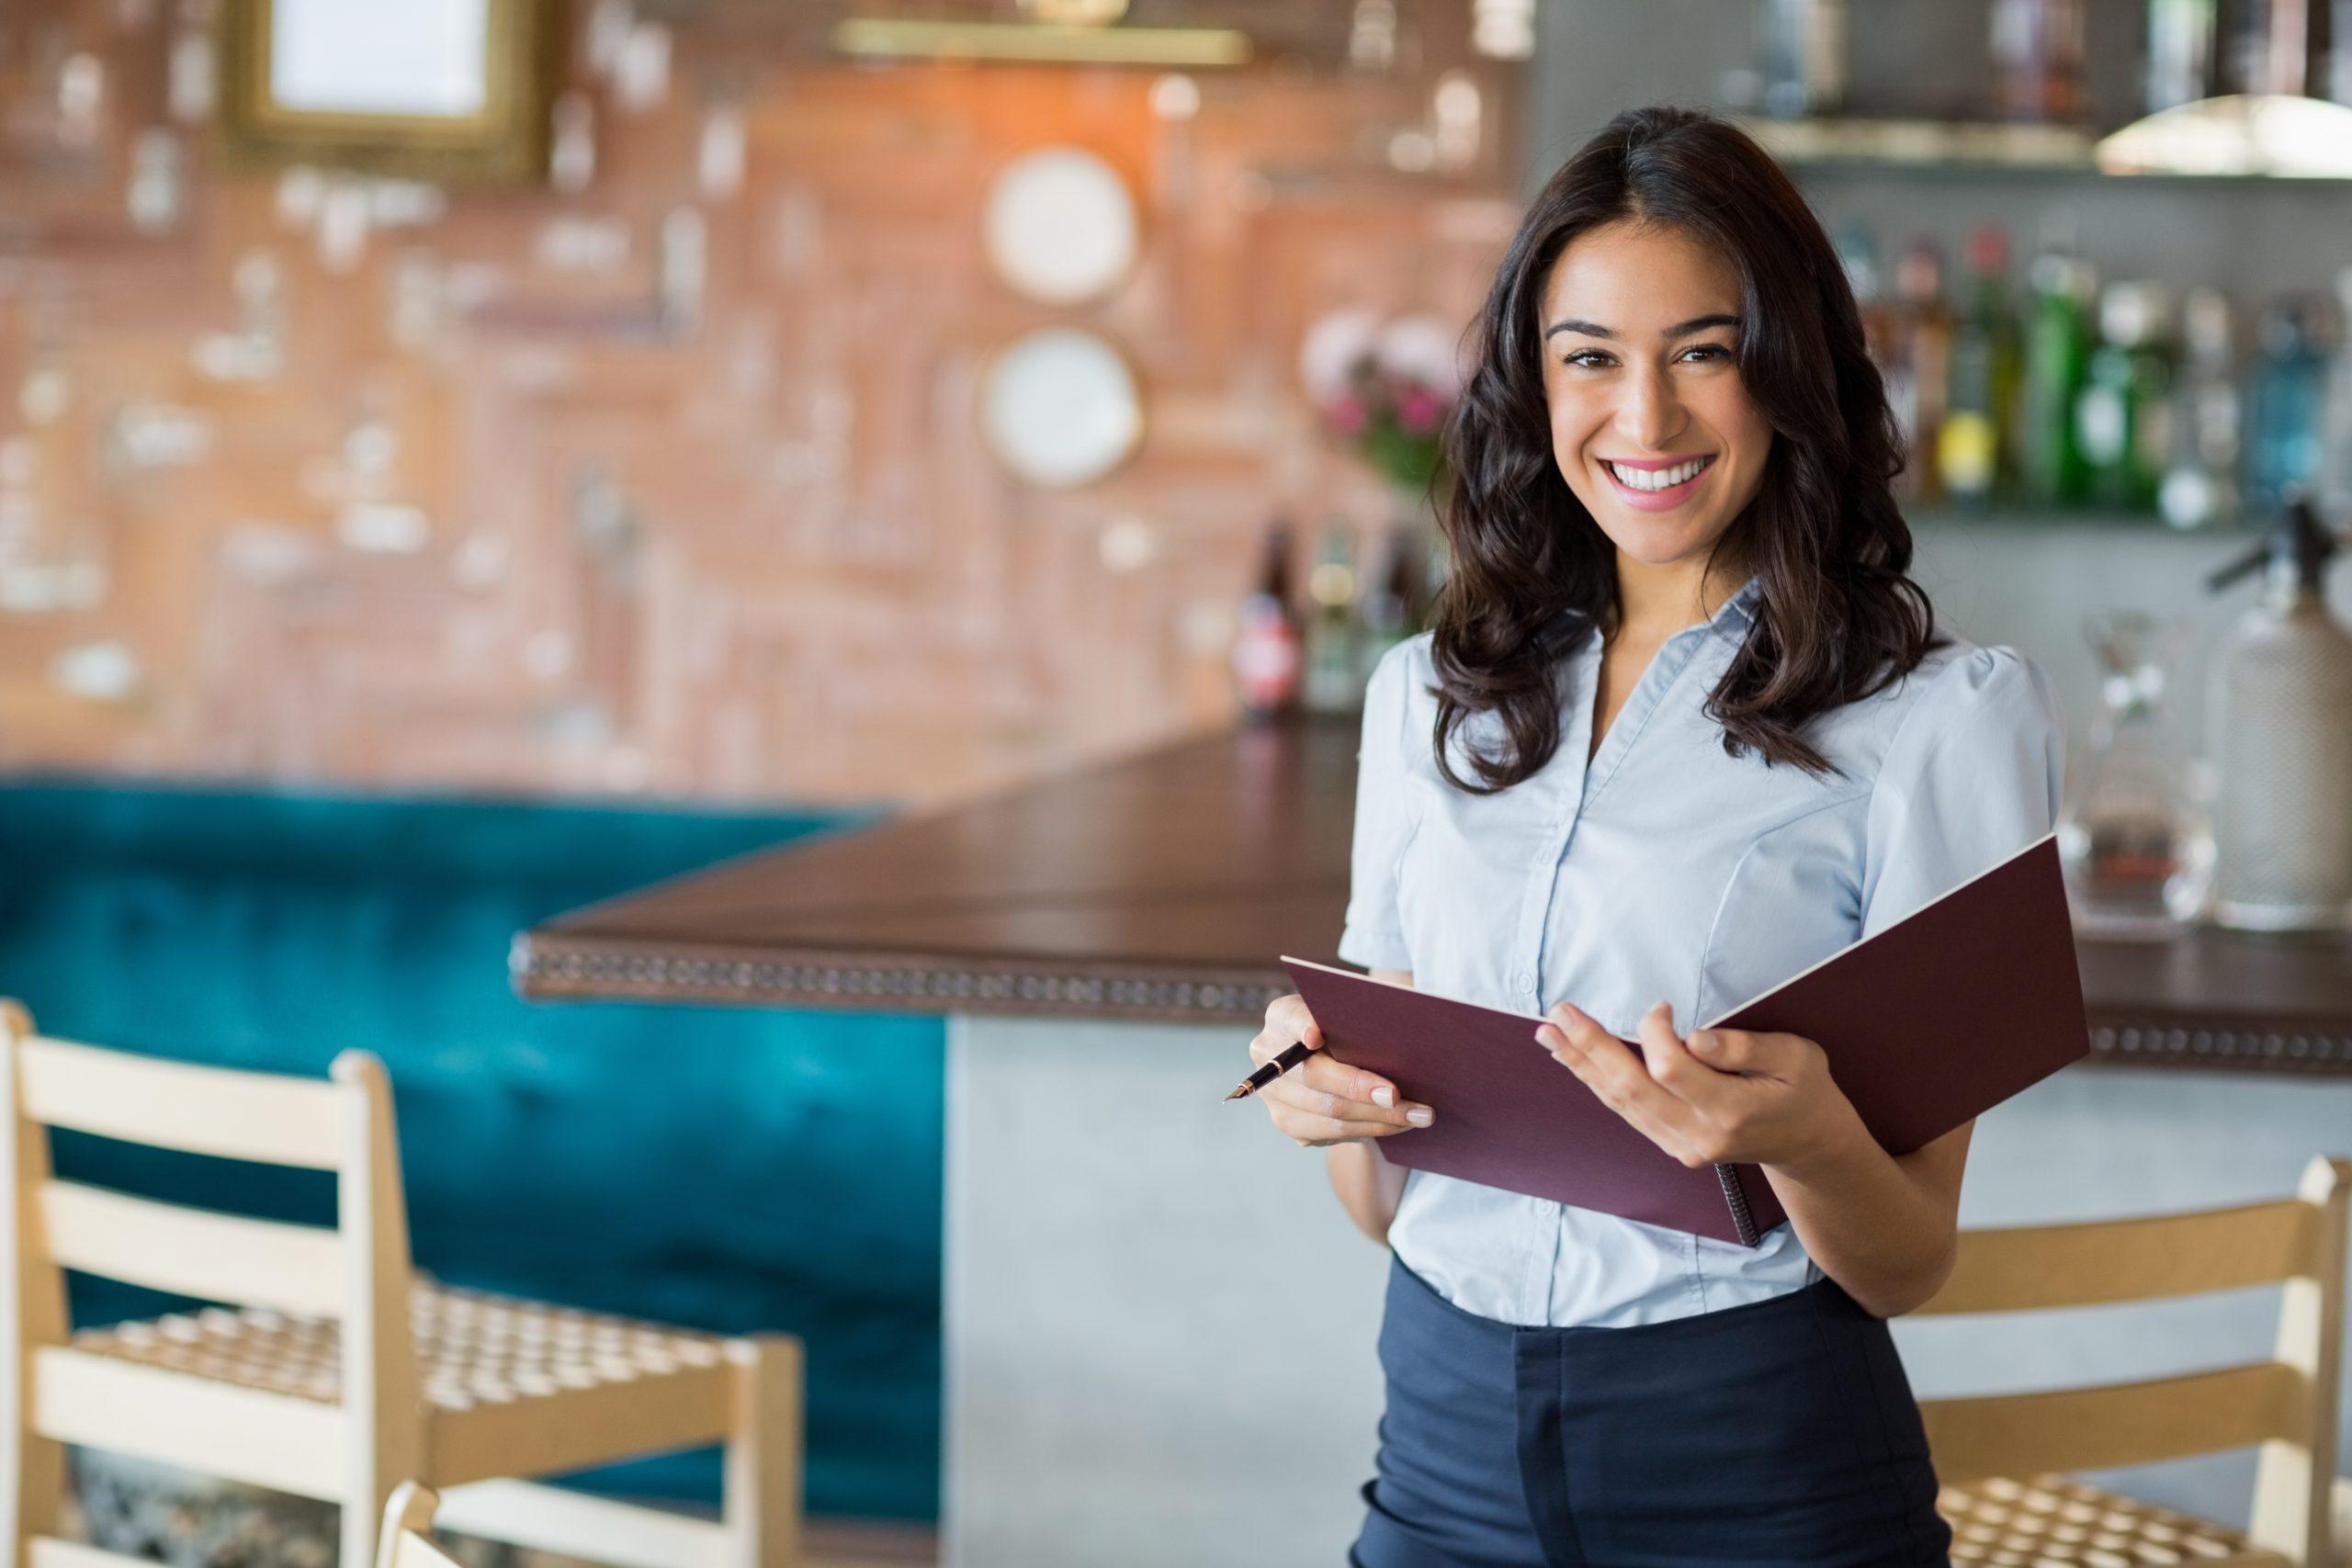 Approvato il decreto riaperture: tutte le regole per alberghi, bar, ristoranti, spiagge, piscine, negozi